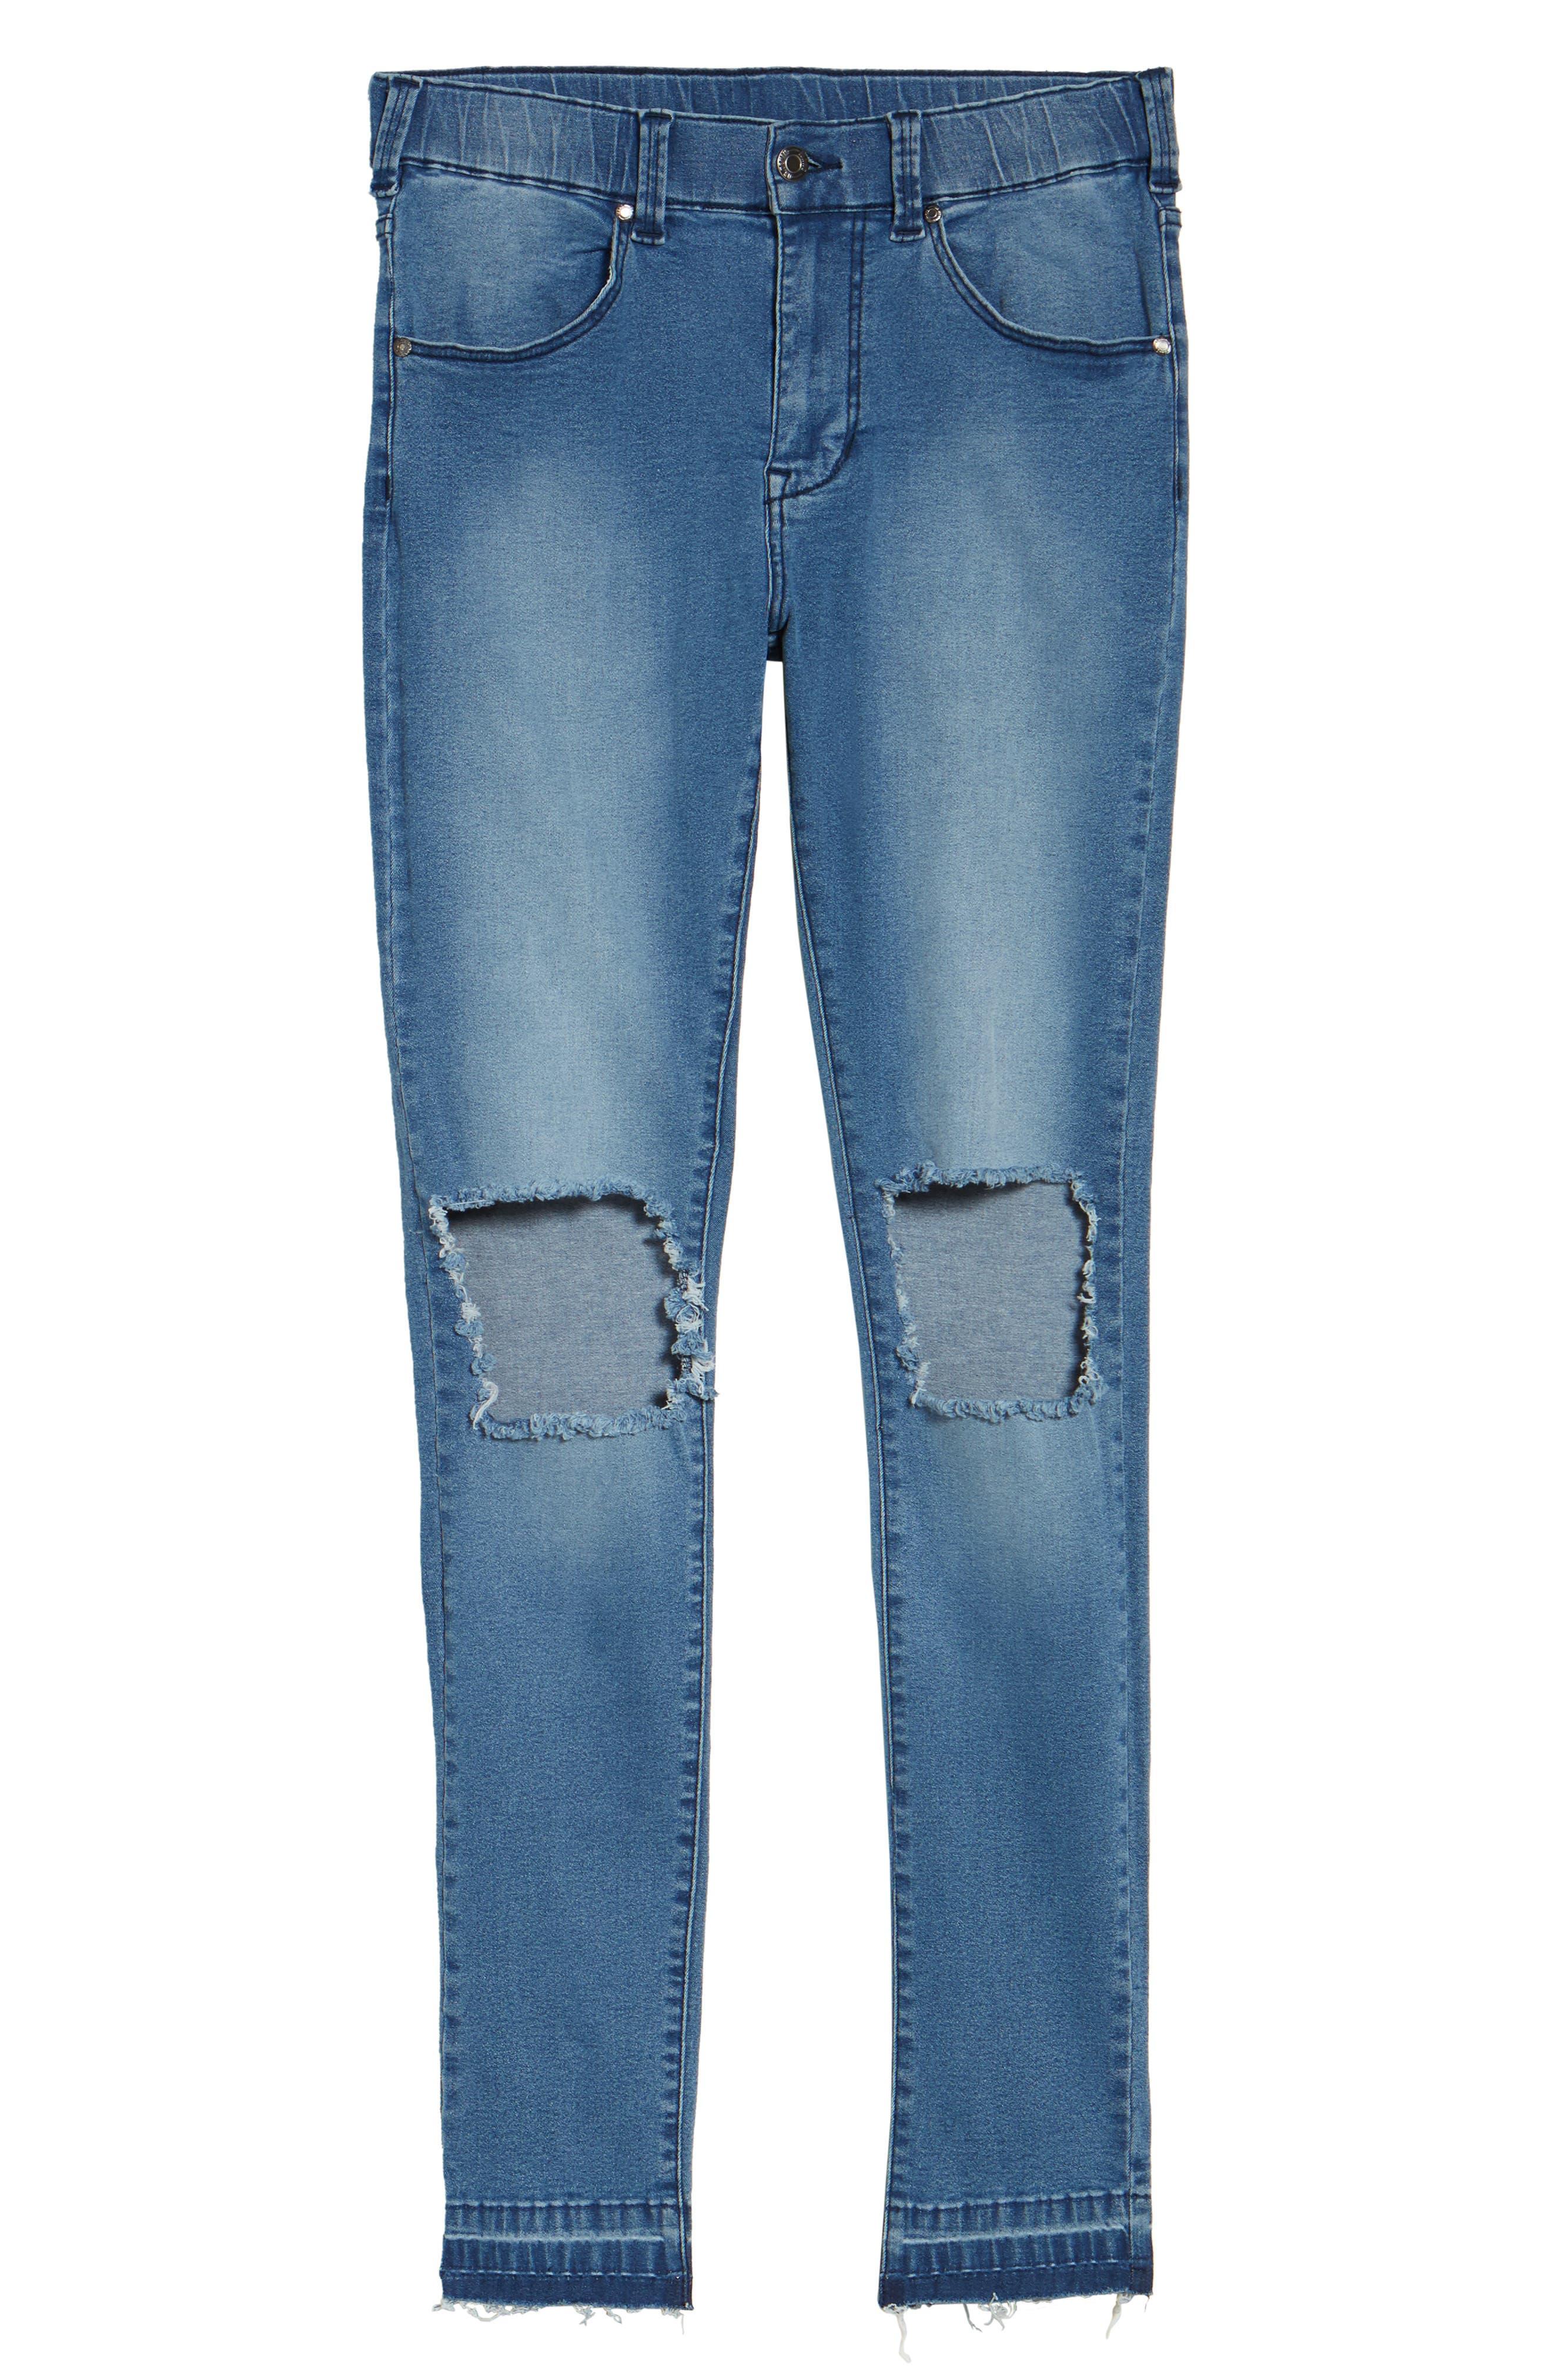 Leroy Slim Fit Jeans,                             Alternate thumbnail 6, color,                             400